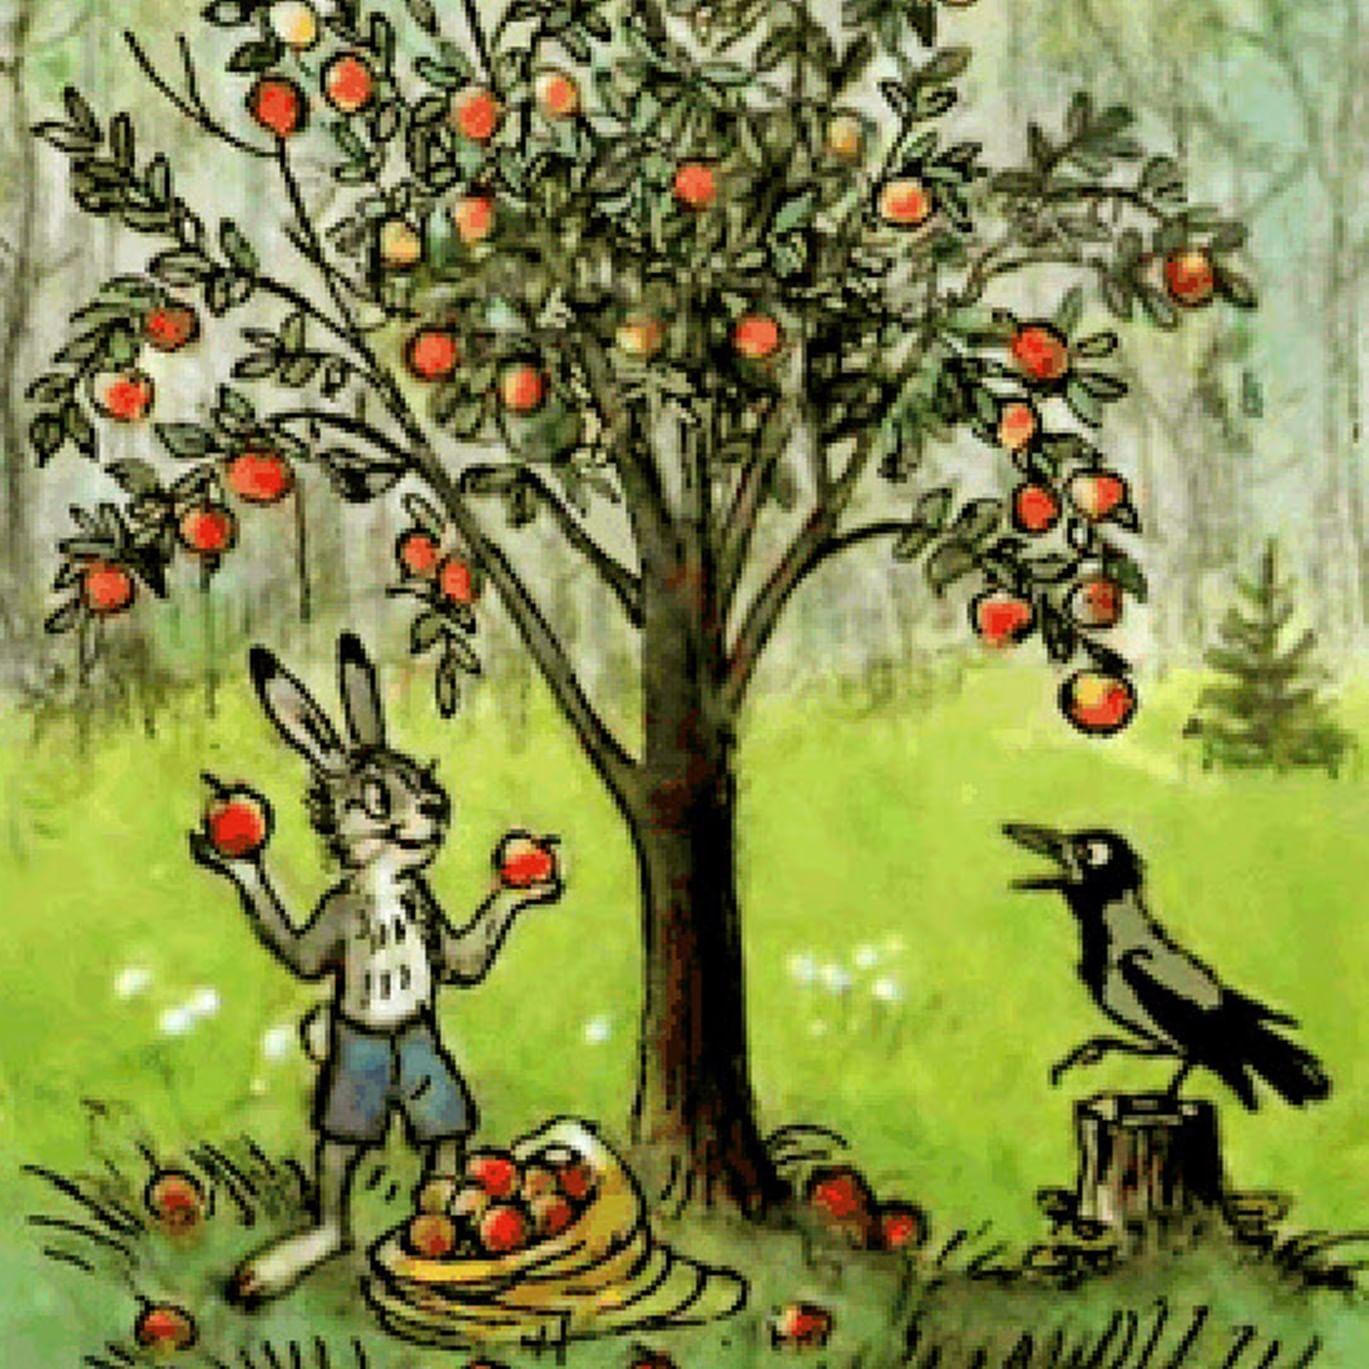 Иллюстрации к сказке сутеева мешок яблок